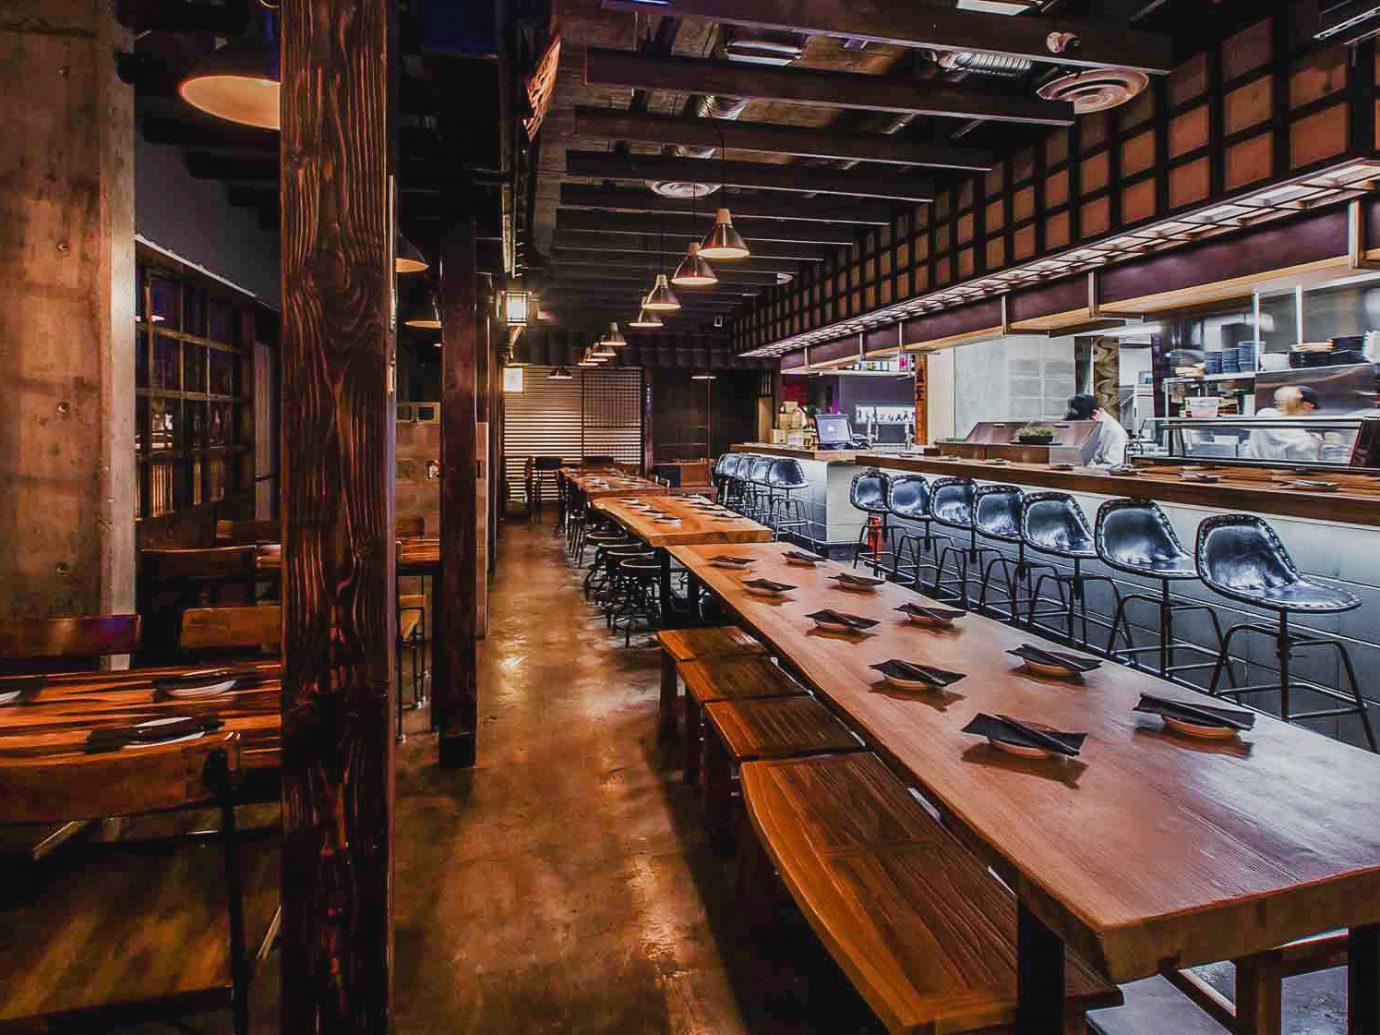 Alberta Canada Road Trips interior design restaurant tavern